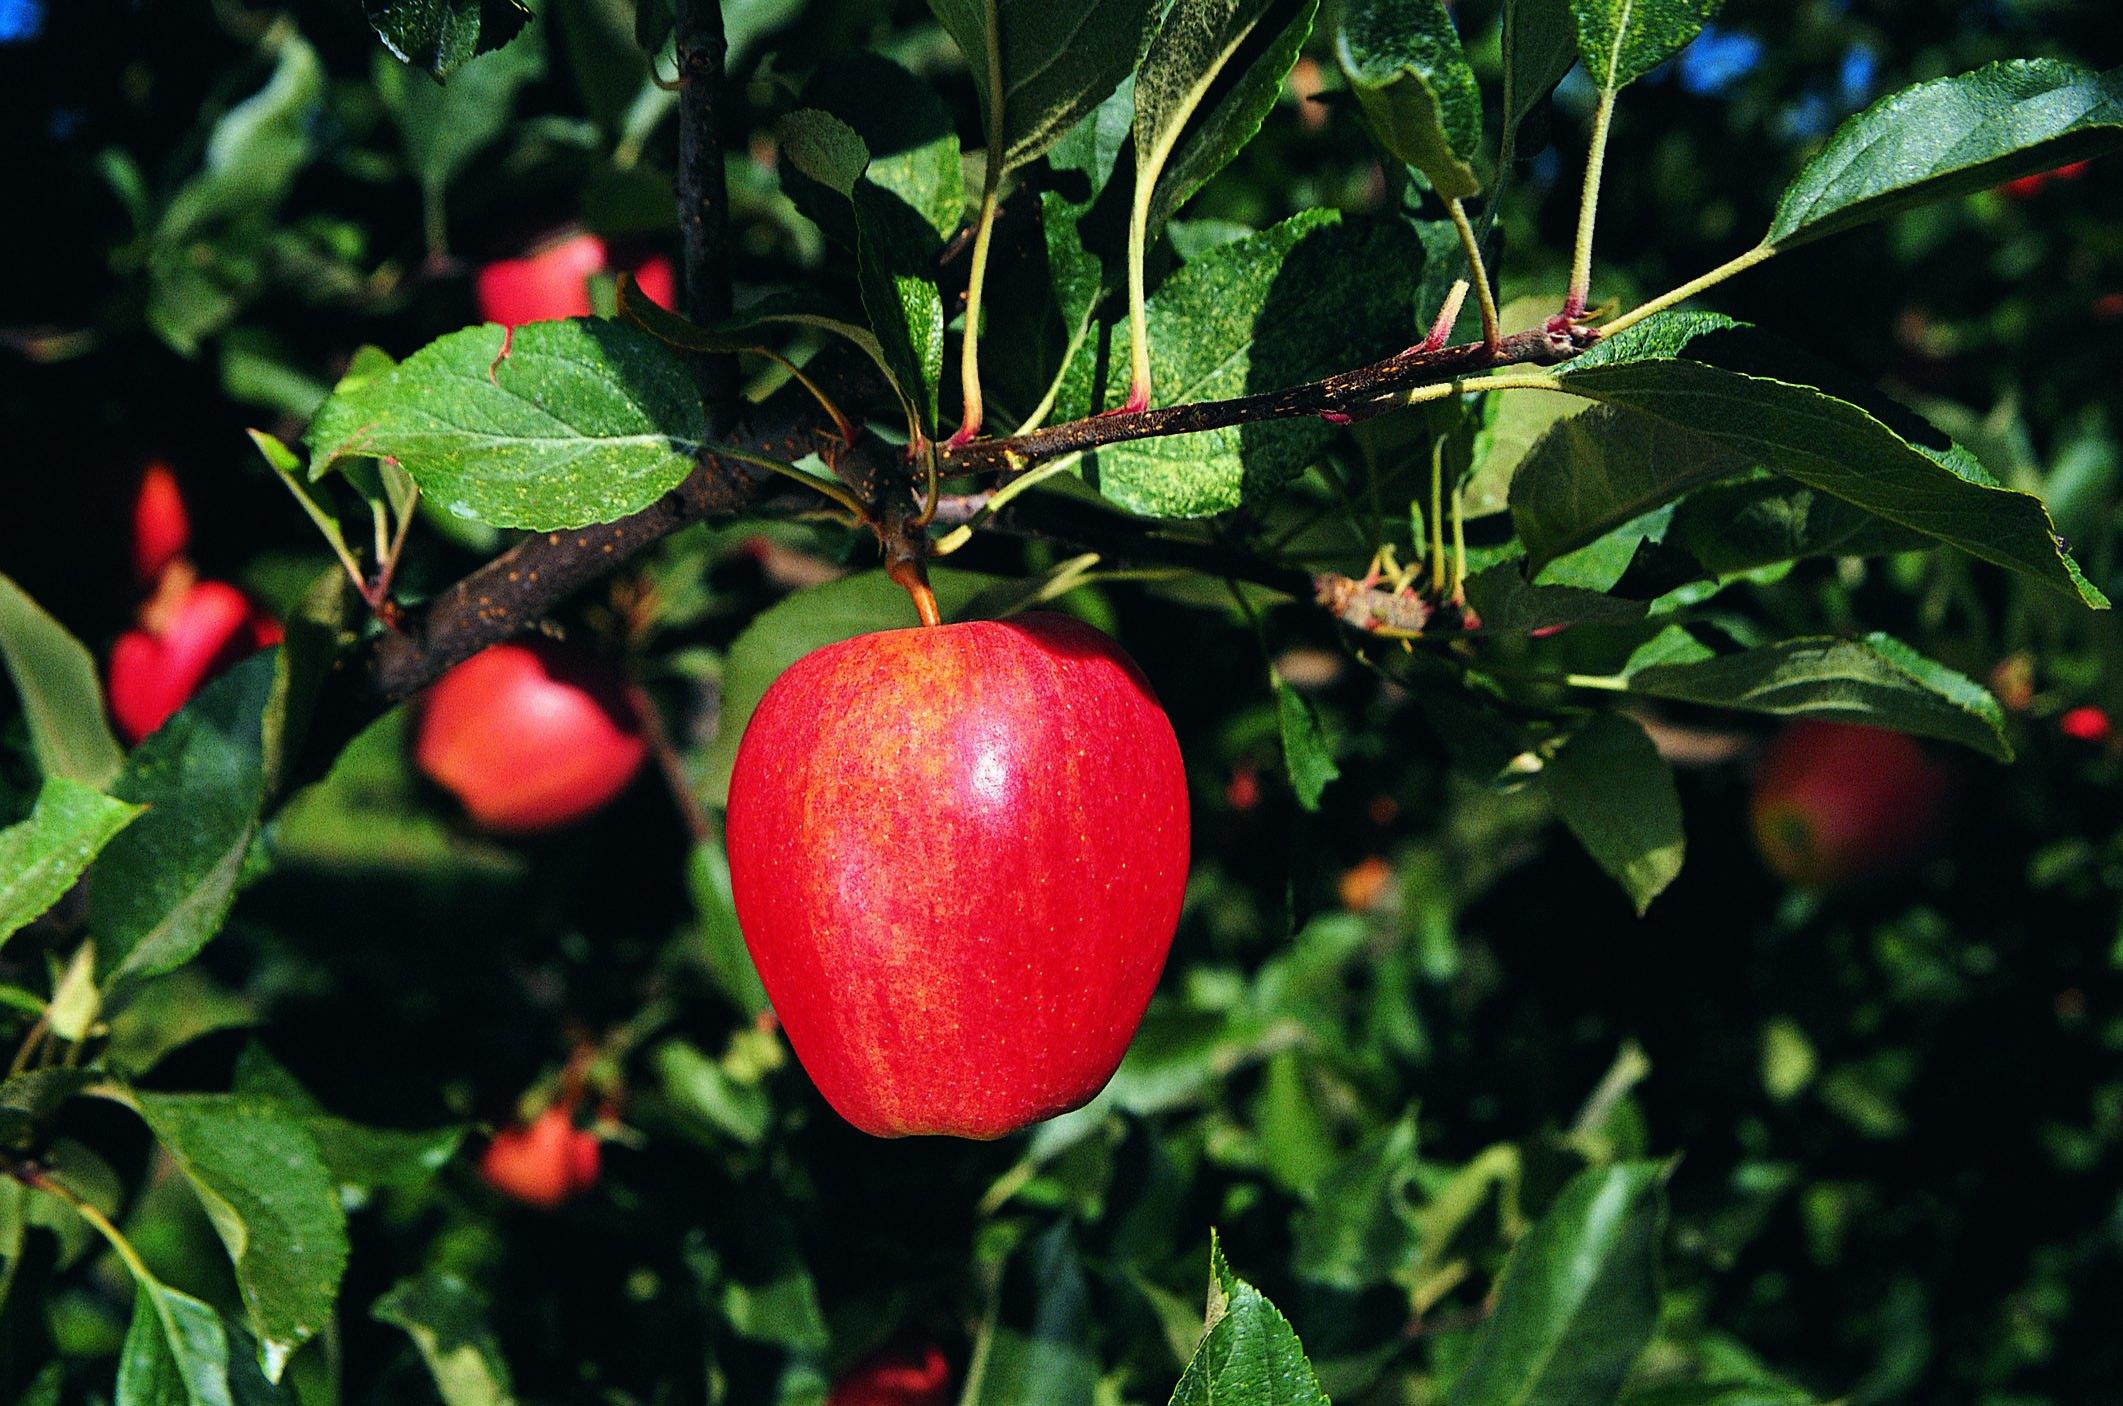 Homemade organic pesticide for fruit trees ehow - Homemade organic pesticides ...